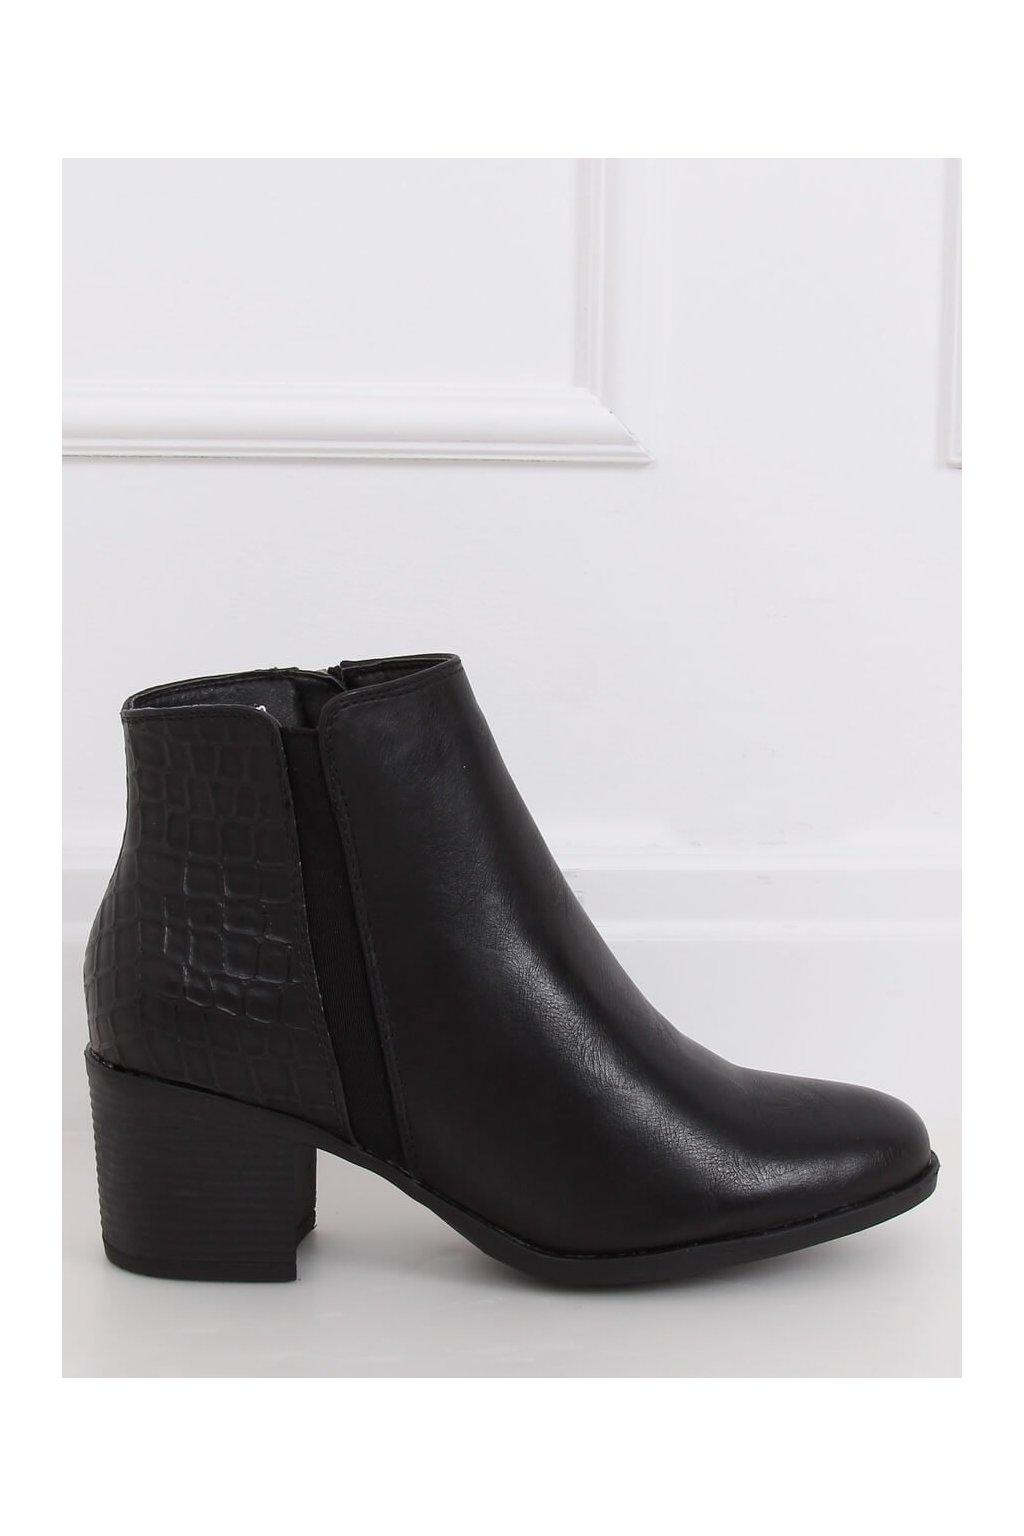 Dámske členkové topánky čierne na širokom podpätku HFN-0759